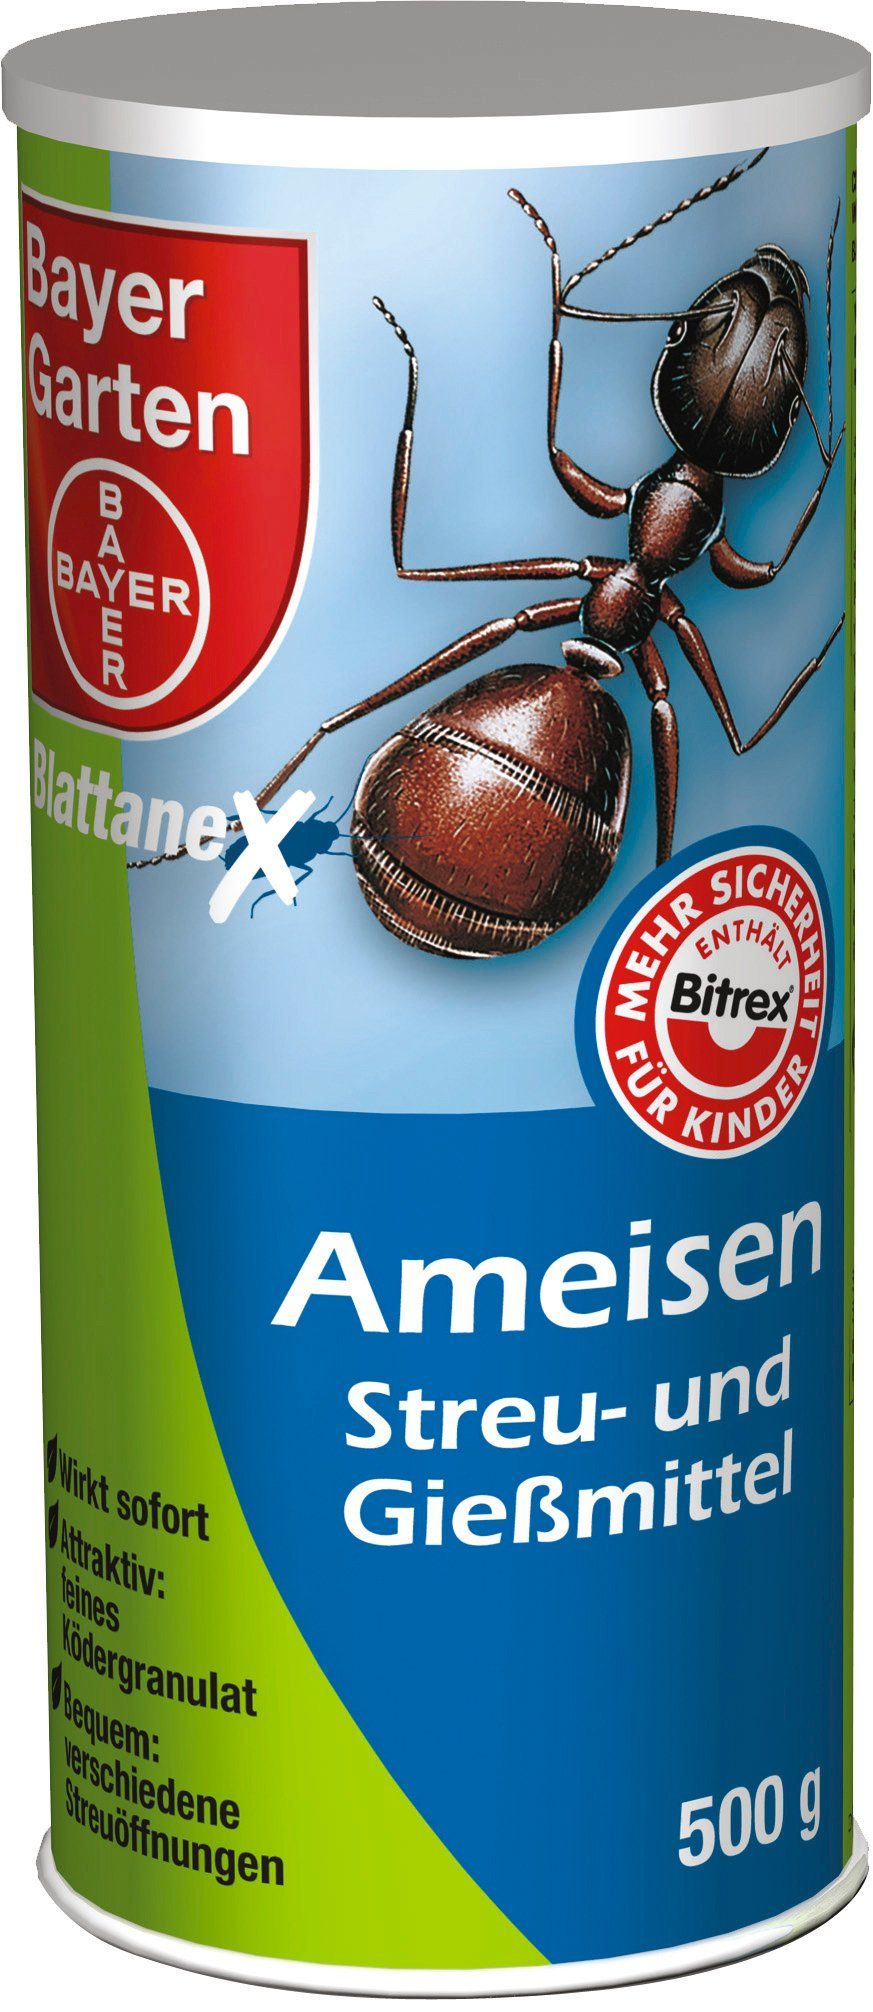 BAYER GARTEN Haushaltsinsektizide »Ameisen Streu- und Gießmittel«, 500 g